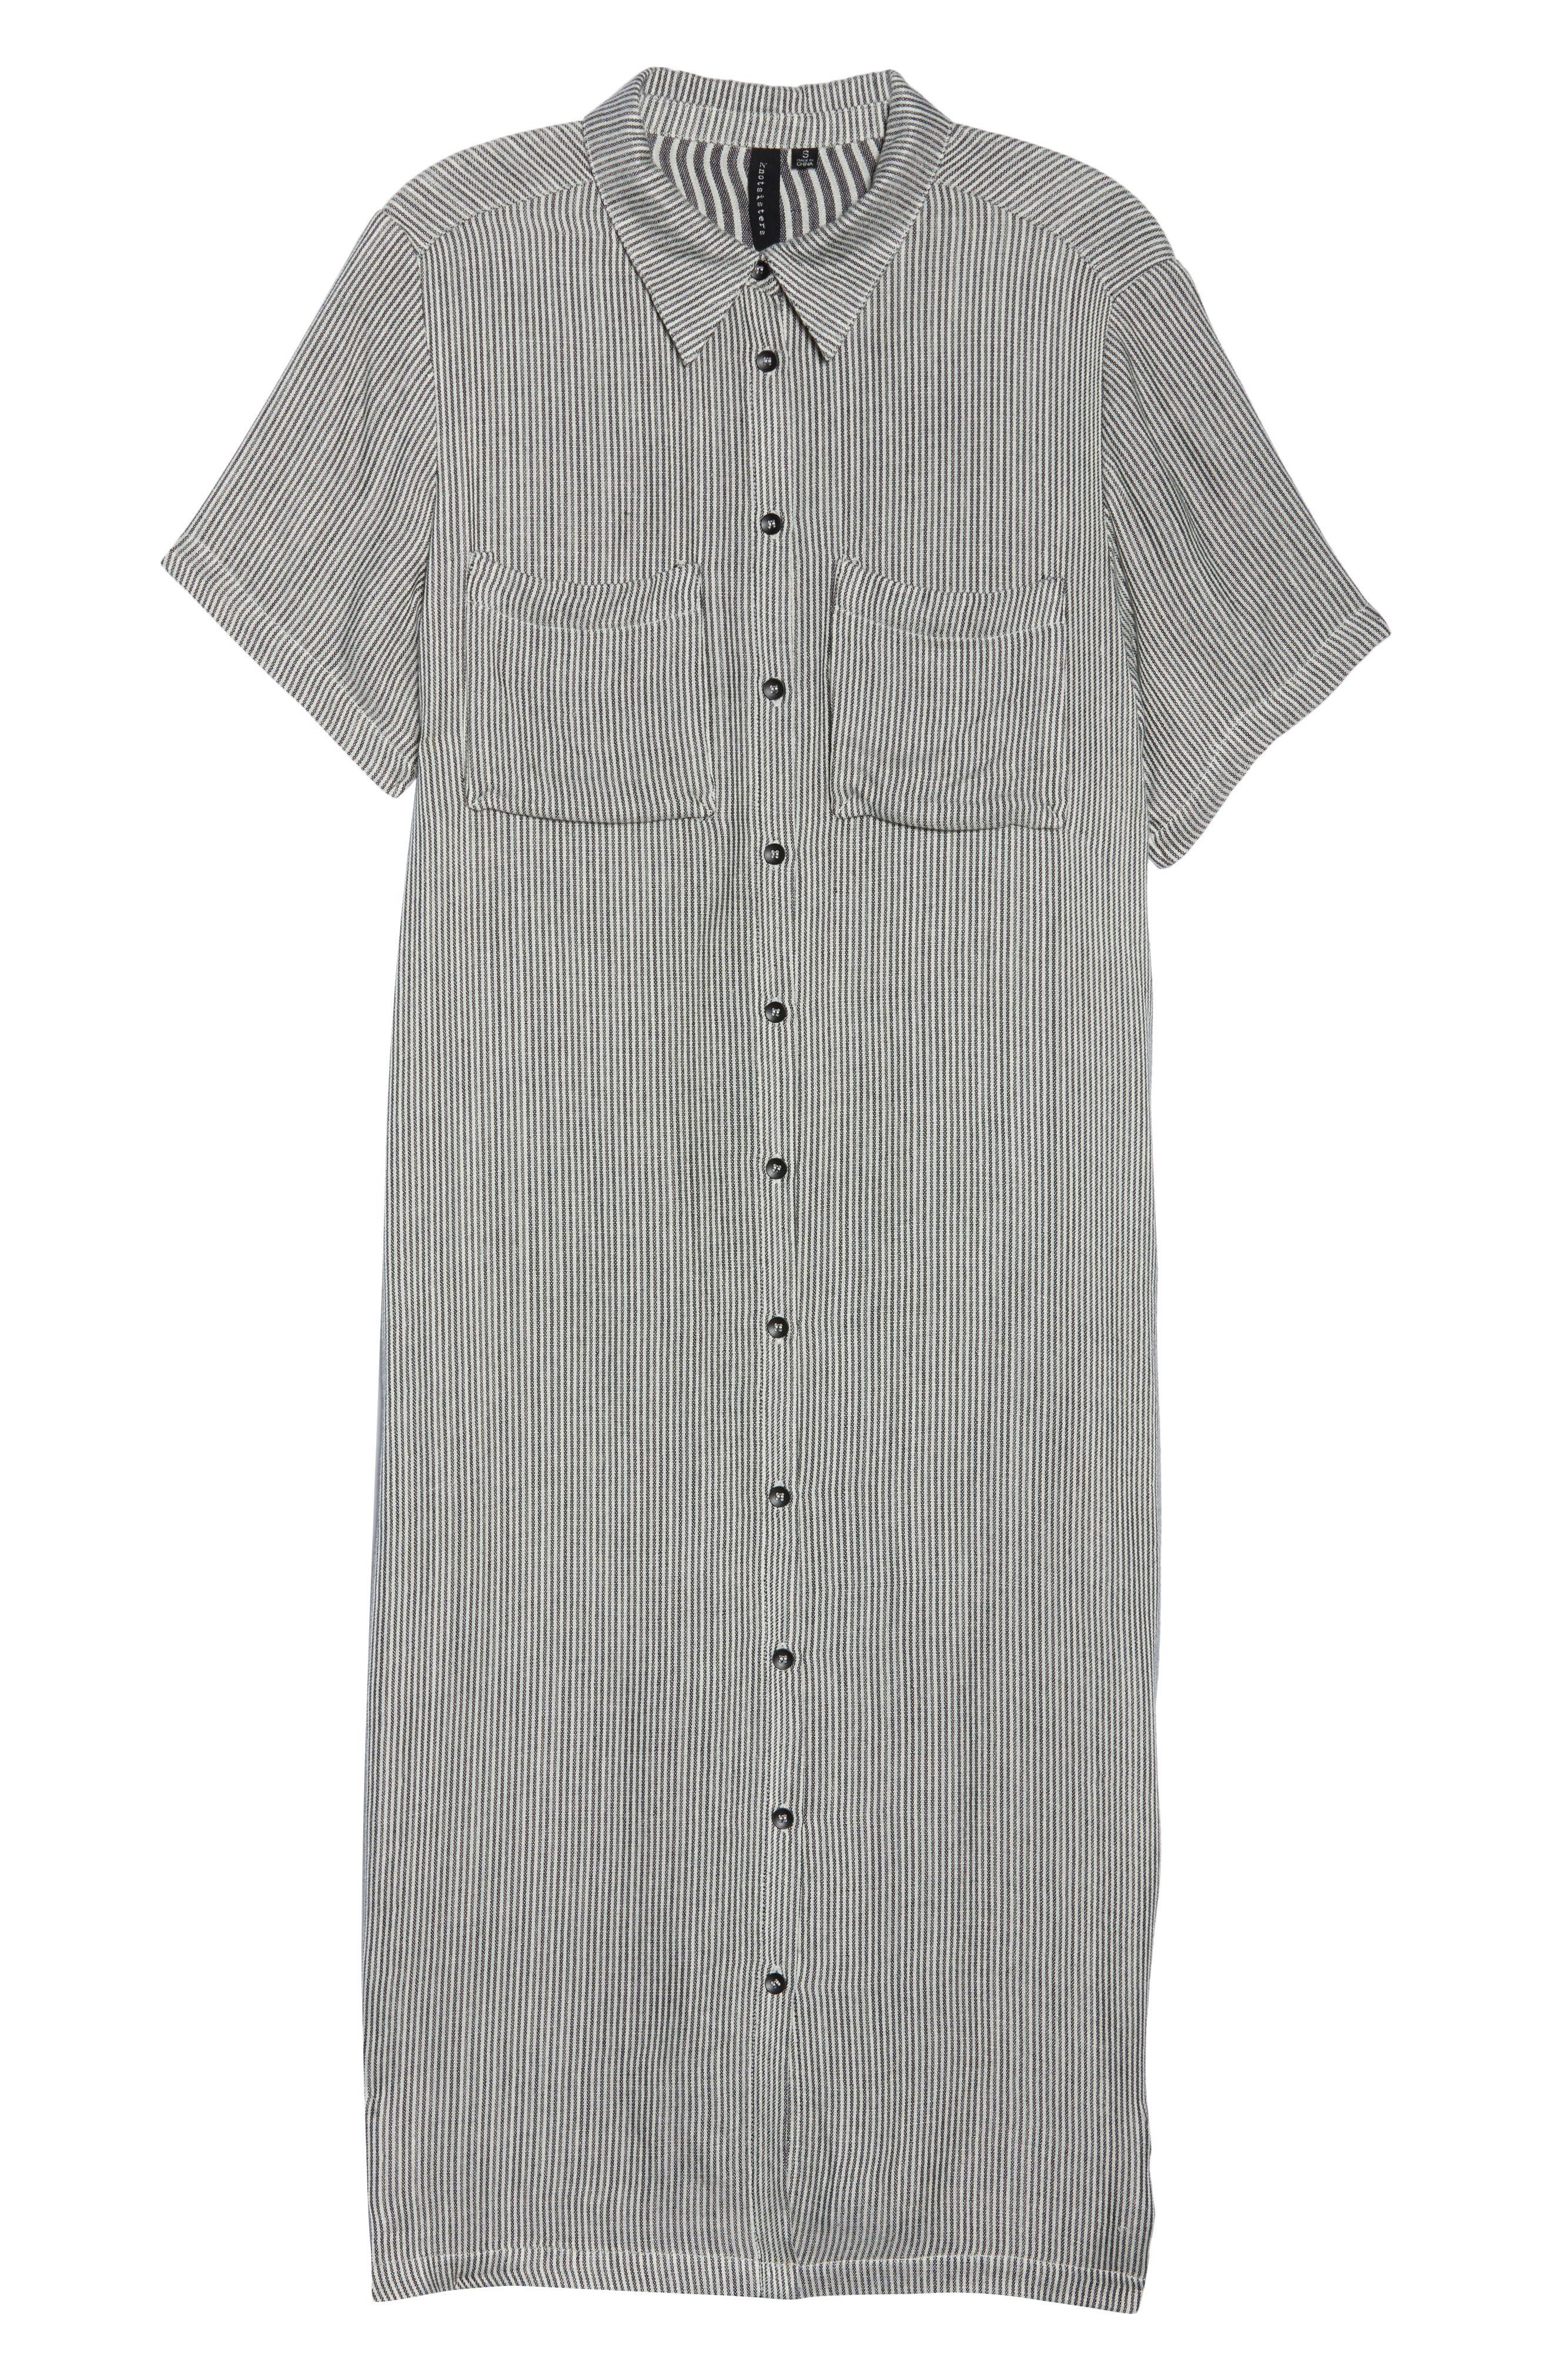 Ruffle Sleeve Shift Dress,                             Alternate thumbnail 7, color,                             400